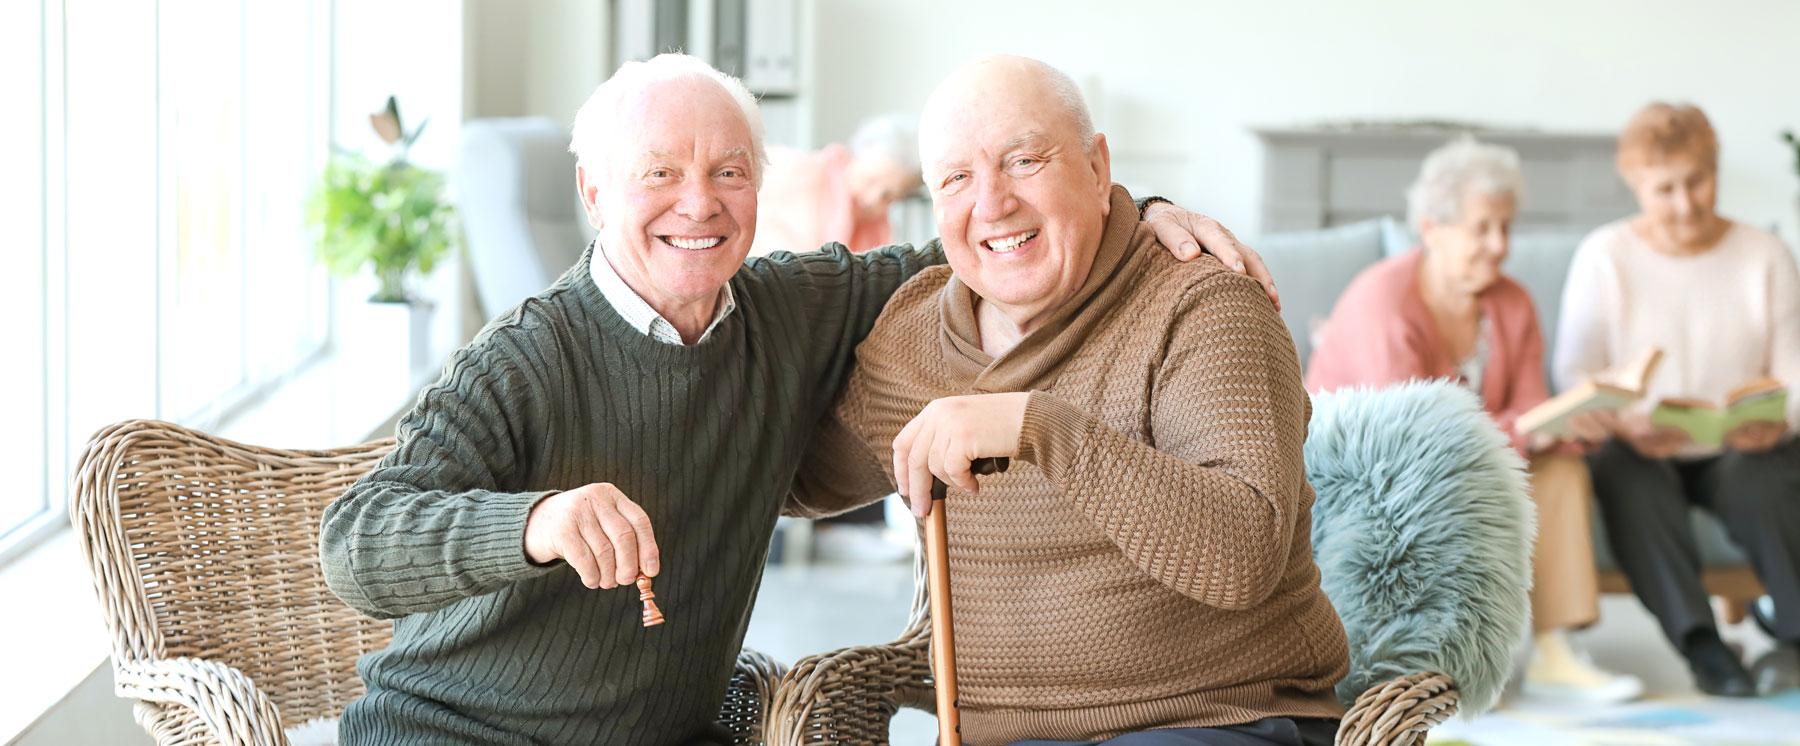 senioren tagespflege